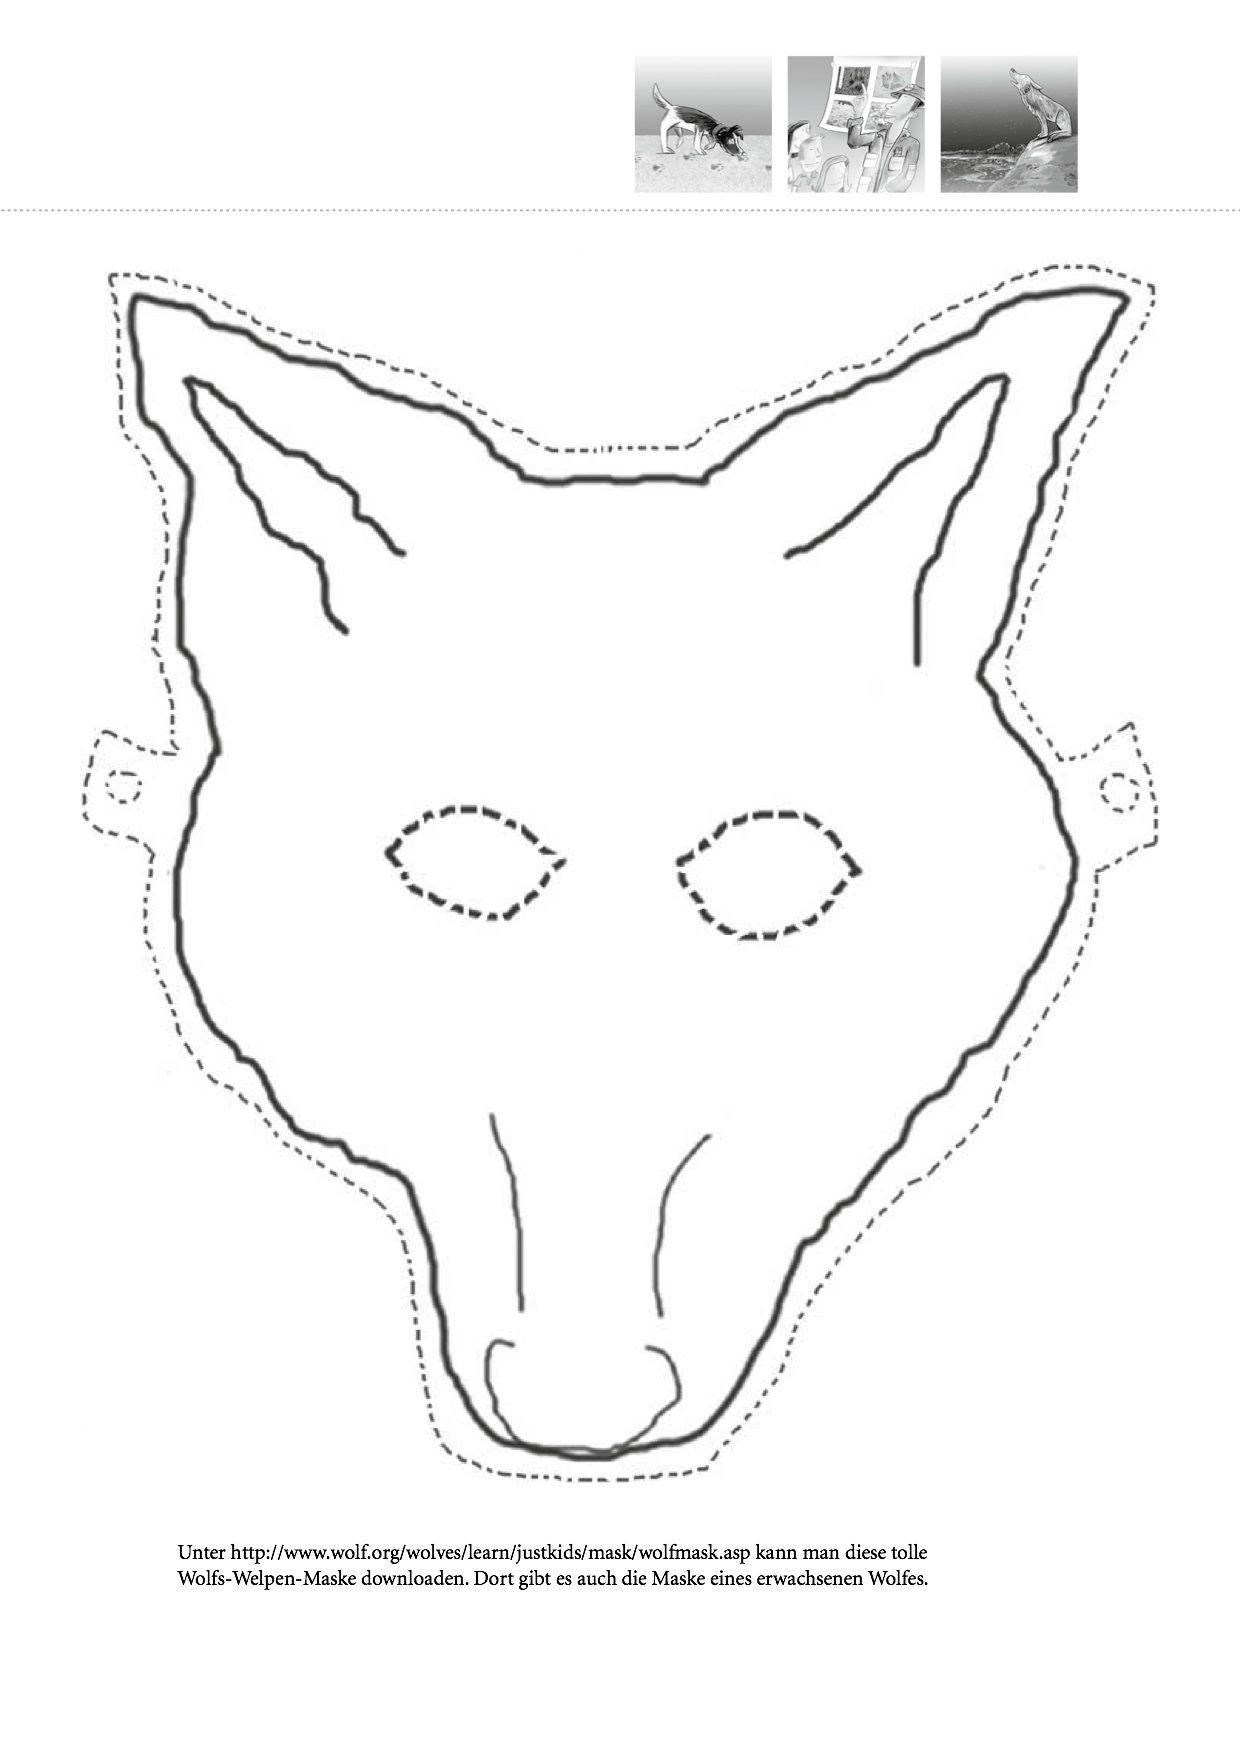 Malvorlagen Wolfsmasken Kostenlos Coloring And Malvorlagan